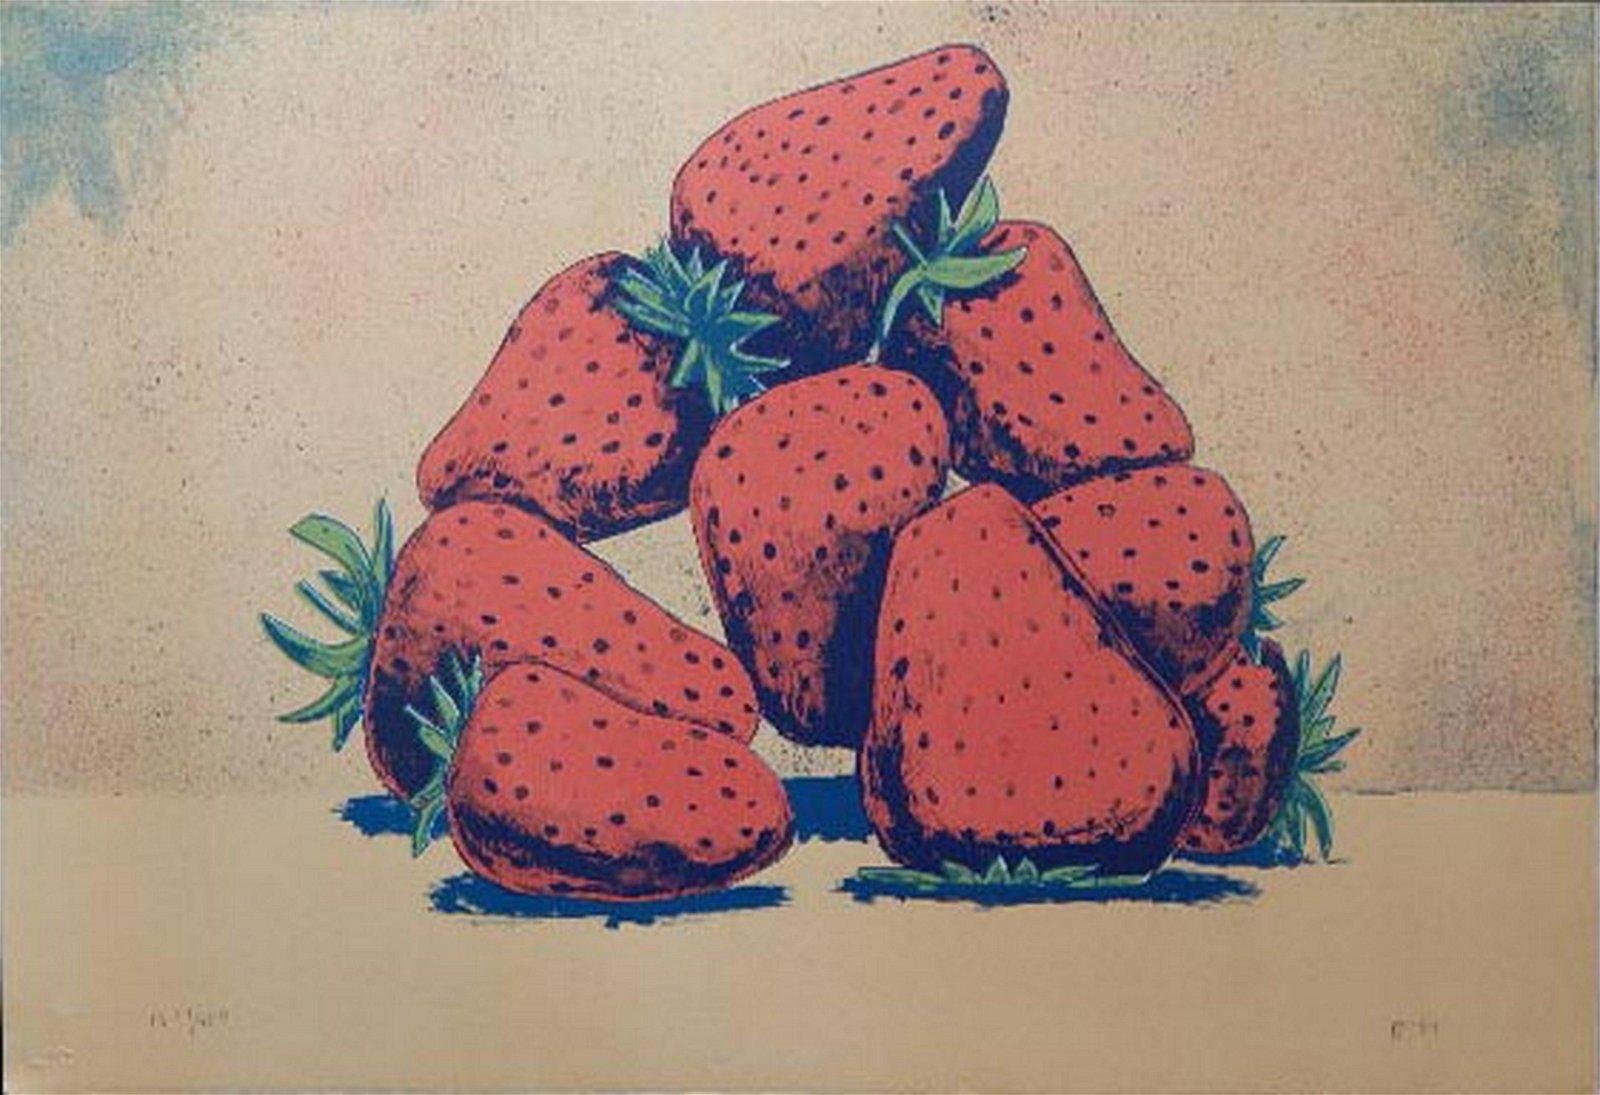 Aaron Fink: Strawberries